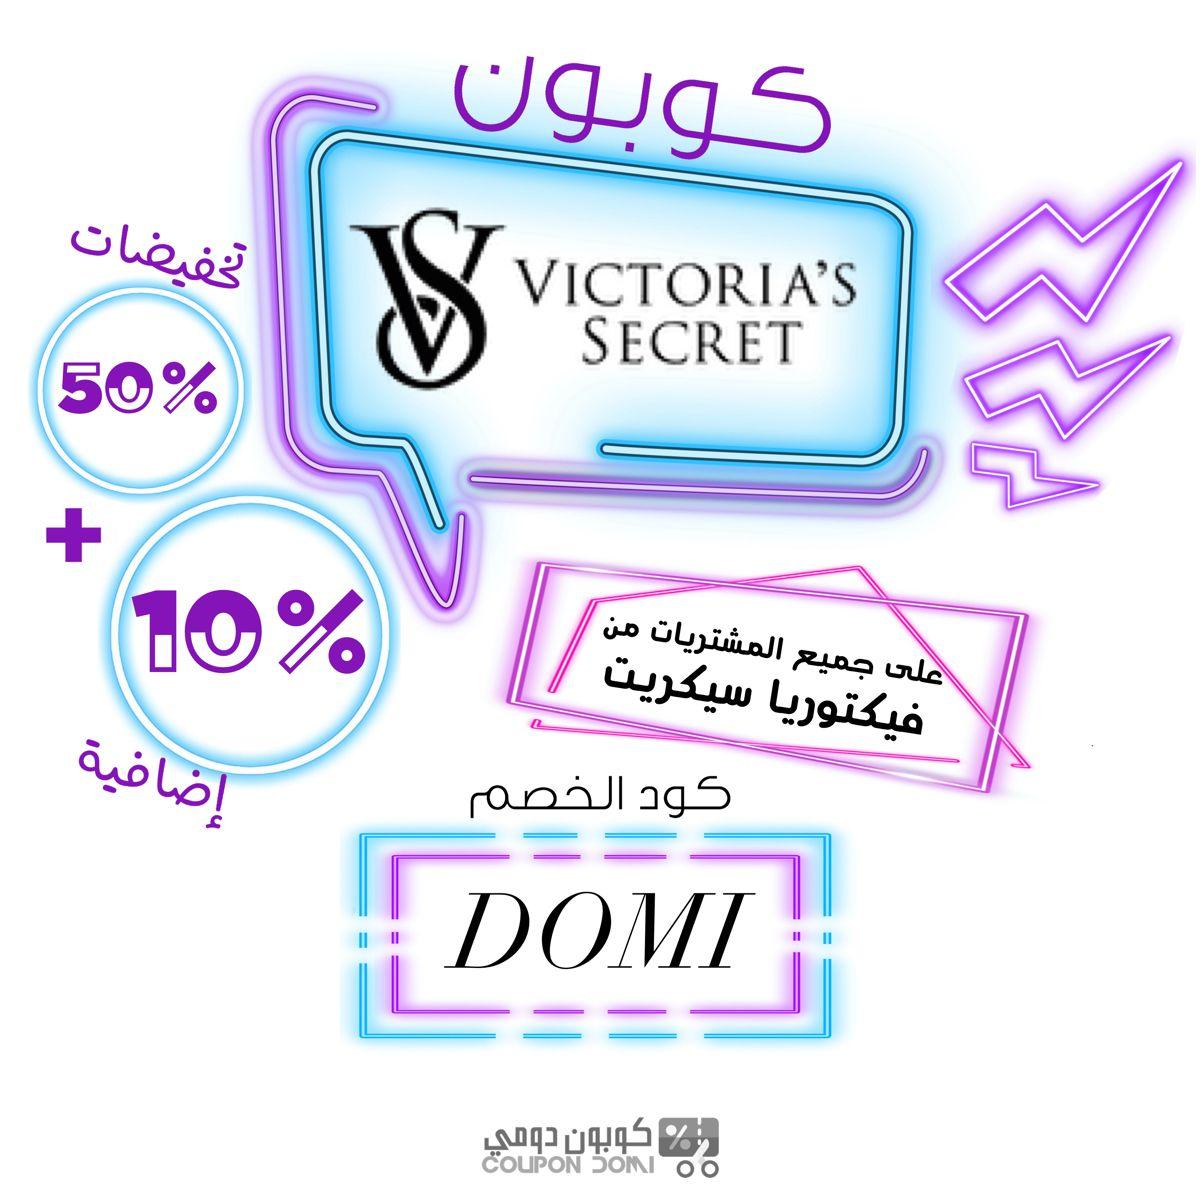 احدث كوبون خصم فيكتوريا سيكريت 10 إضافية من Victoria S Secret Victoria Secret Ugs Secret